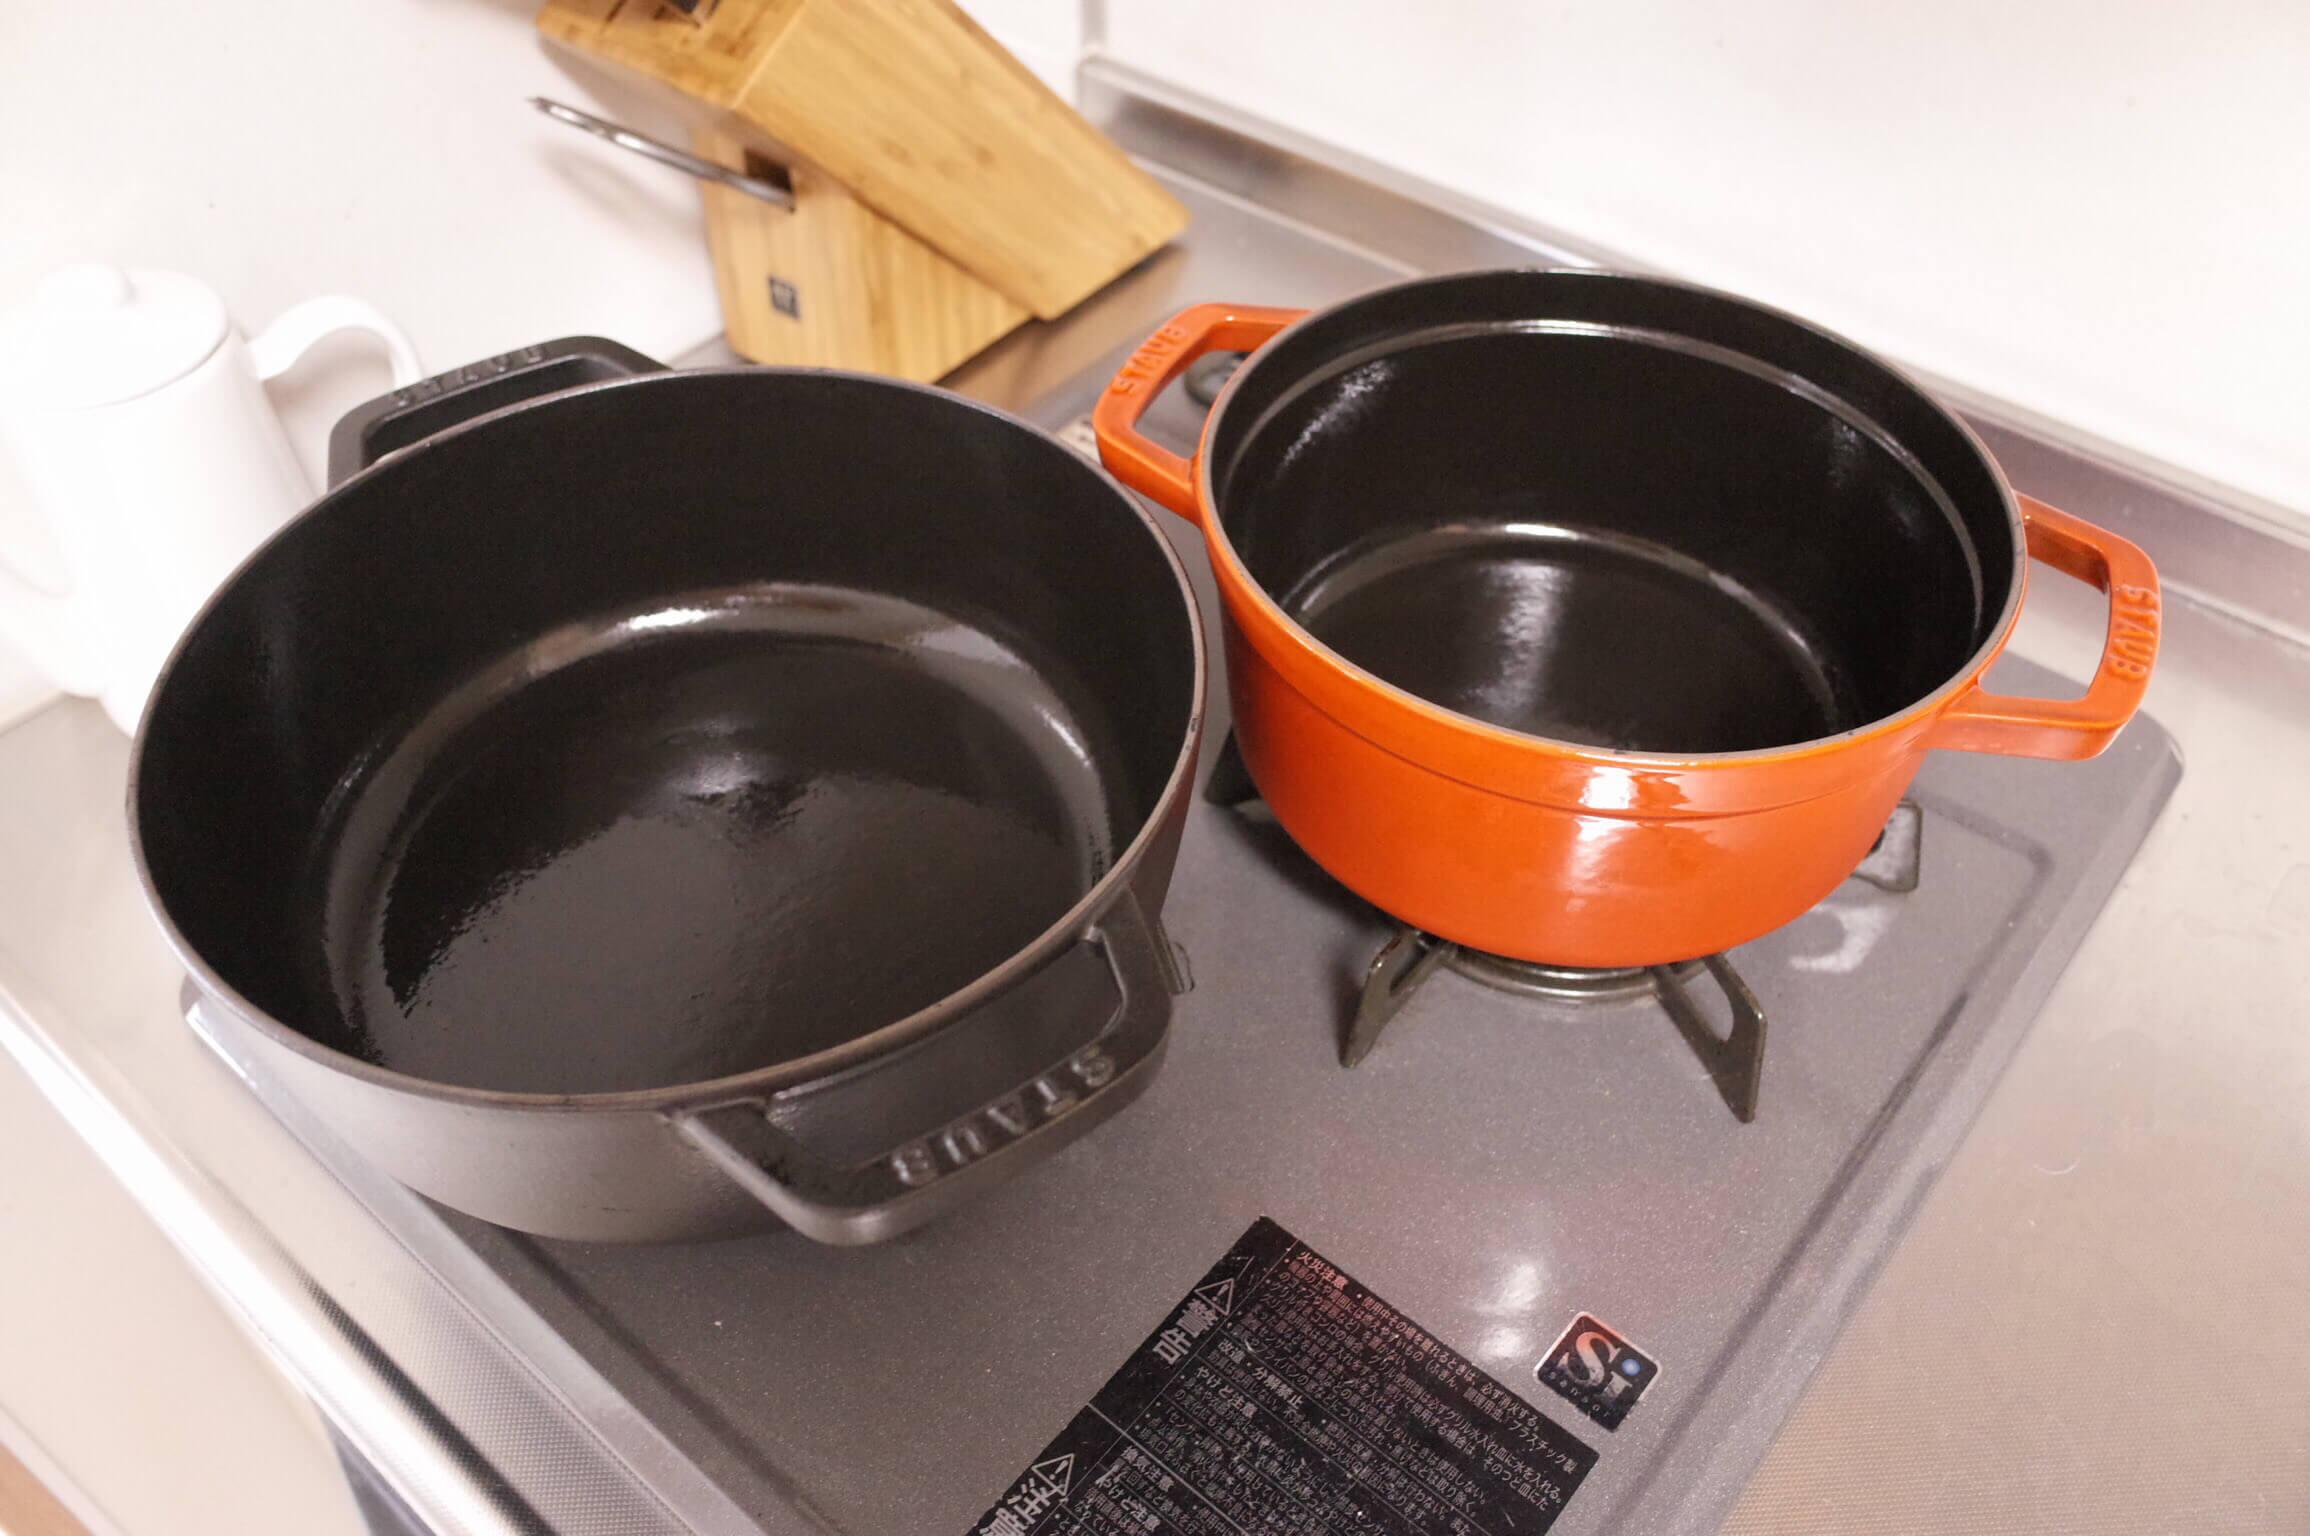 ストウブ 福袋で当たった鍋を4つまとめてシーズニング!面倒でも鍋を長持ちさせるためには必須作業